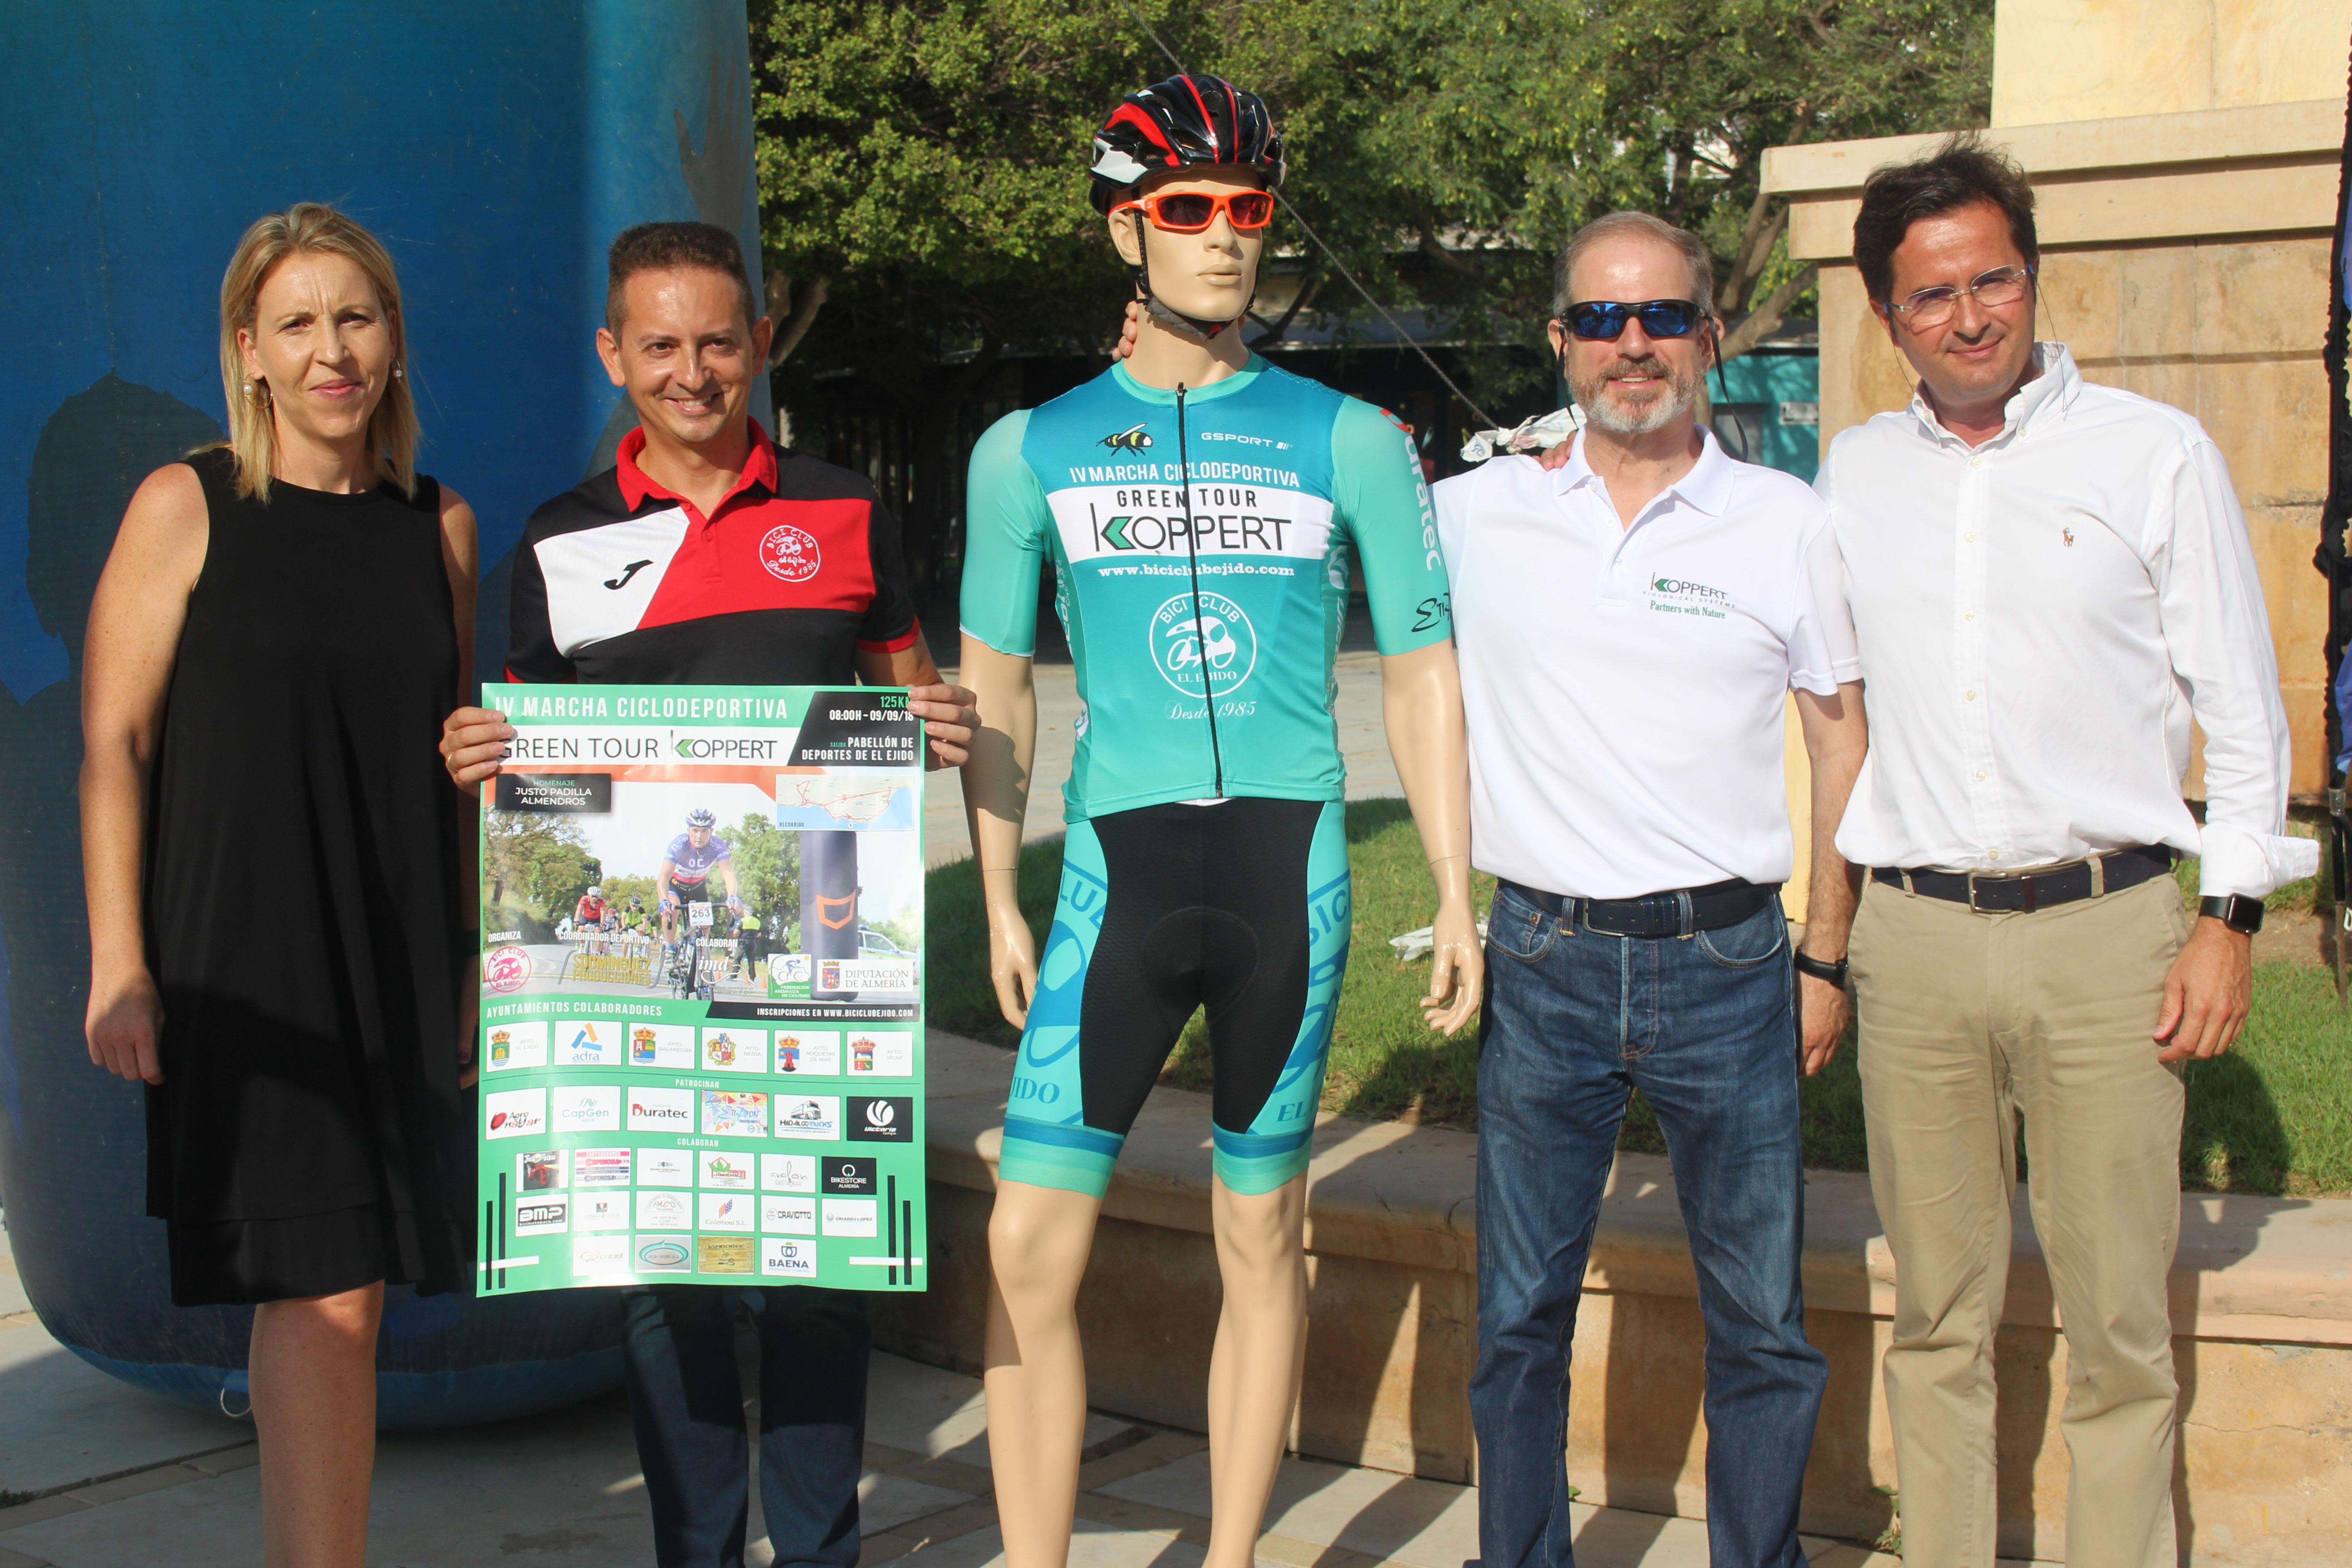 IV Edicion de la Green Tour Koppert